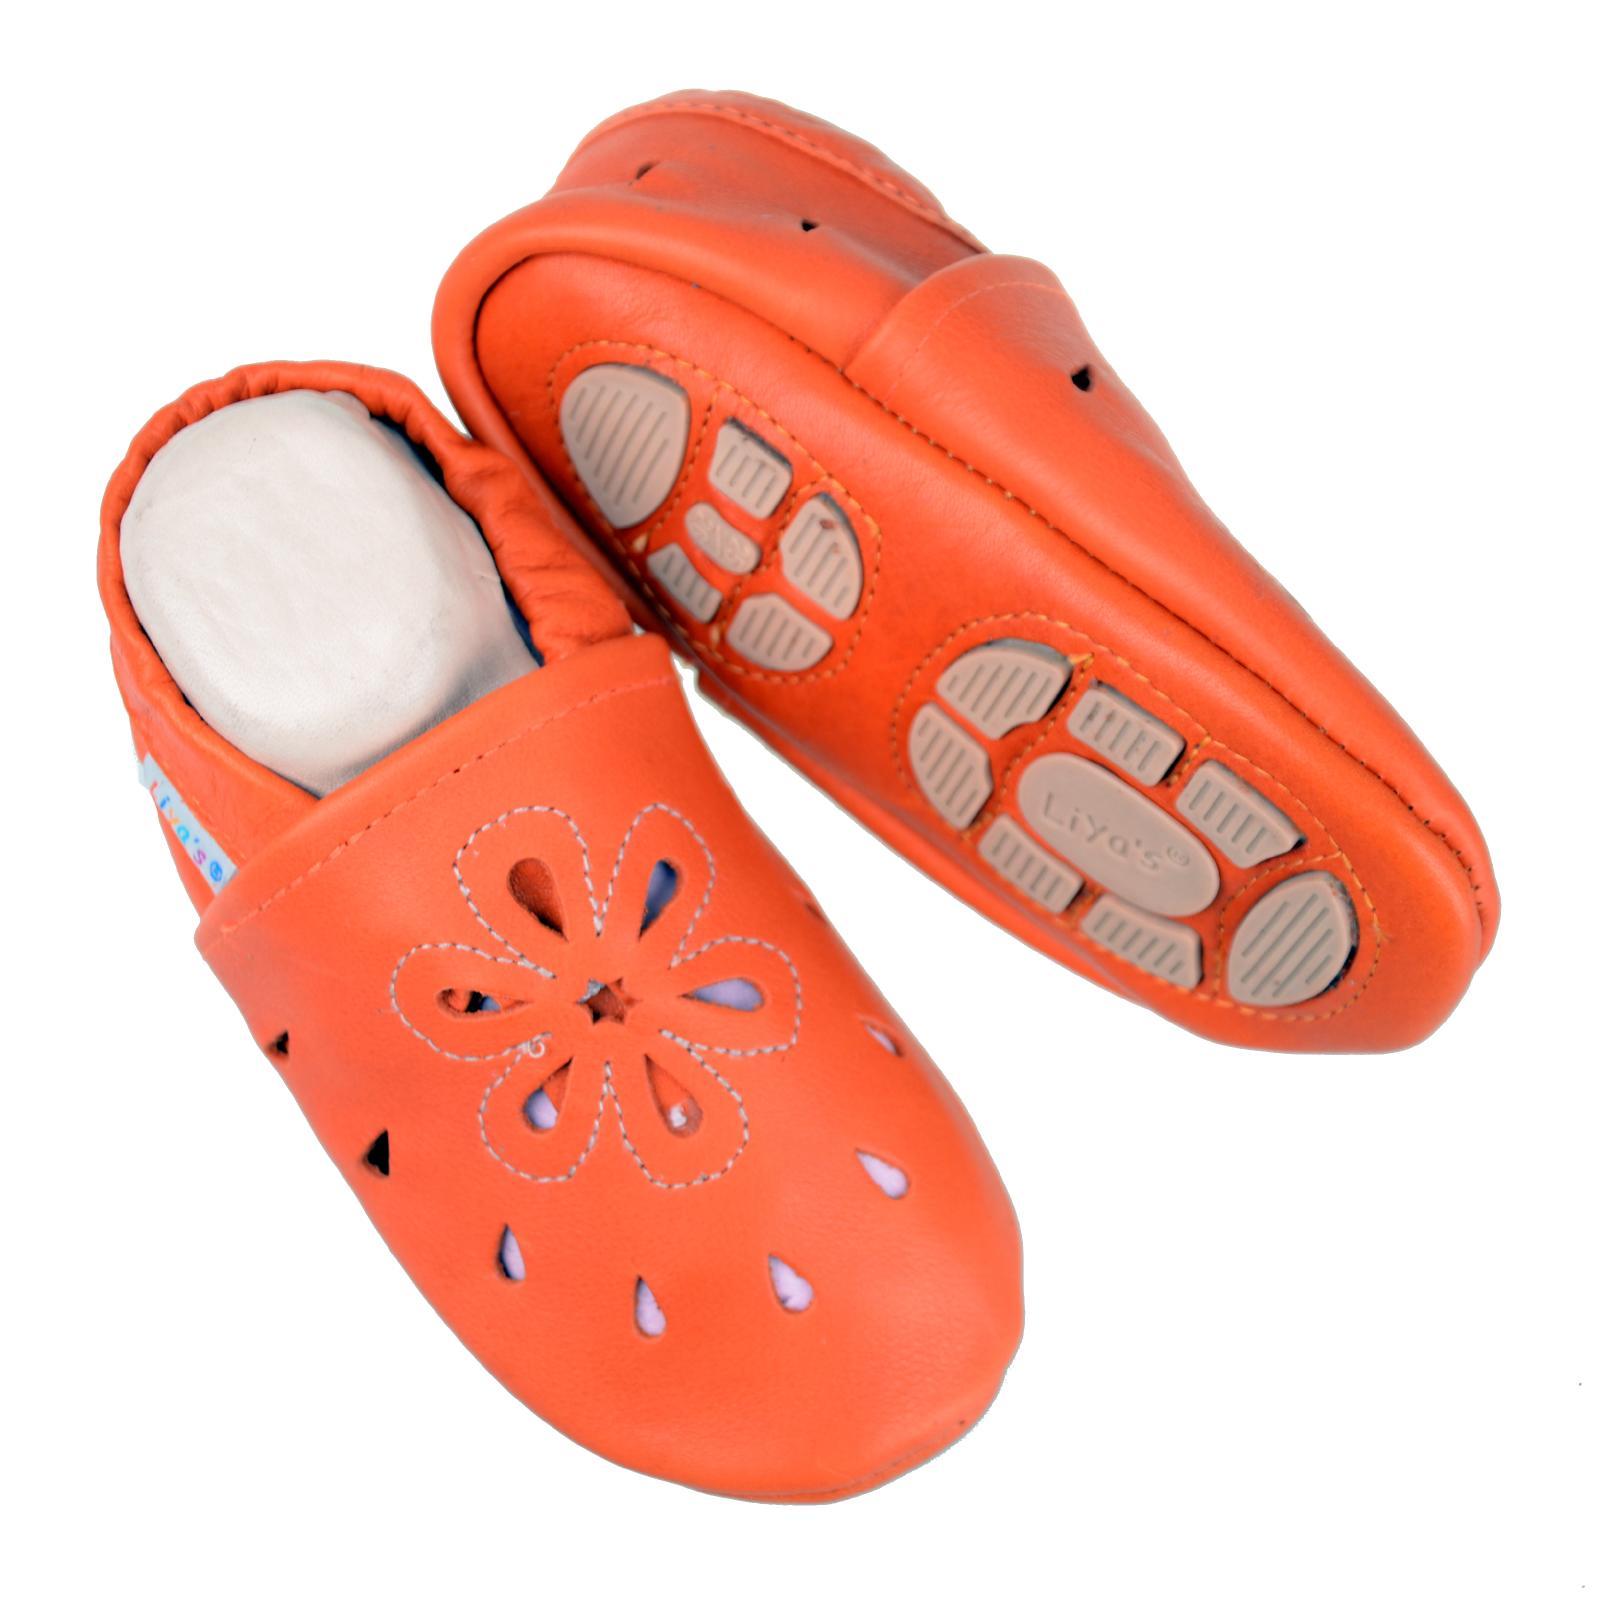 angemessener Preis dauerhafte Modellierung heiße Angebote Details zu Liya's Babyschuhe Hausschuhe Lederpuschen - #637 Große Blume in  orange